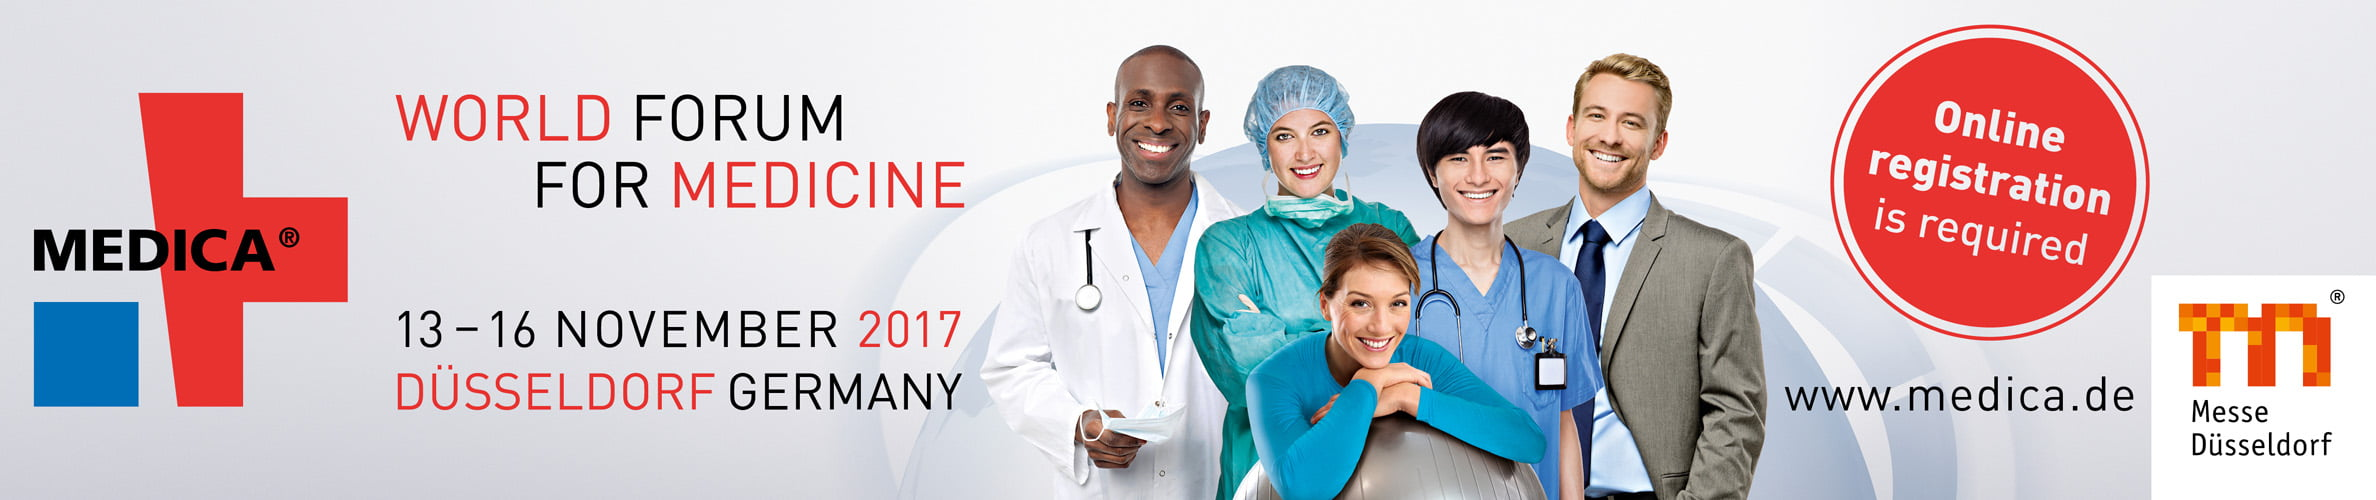 Medica 2017